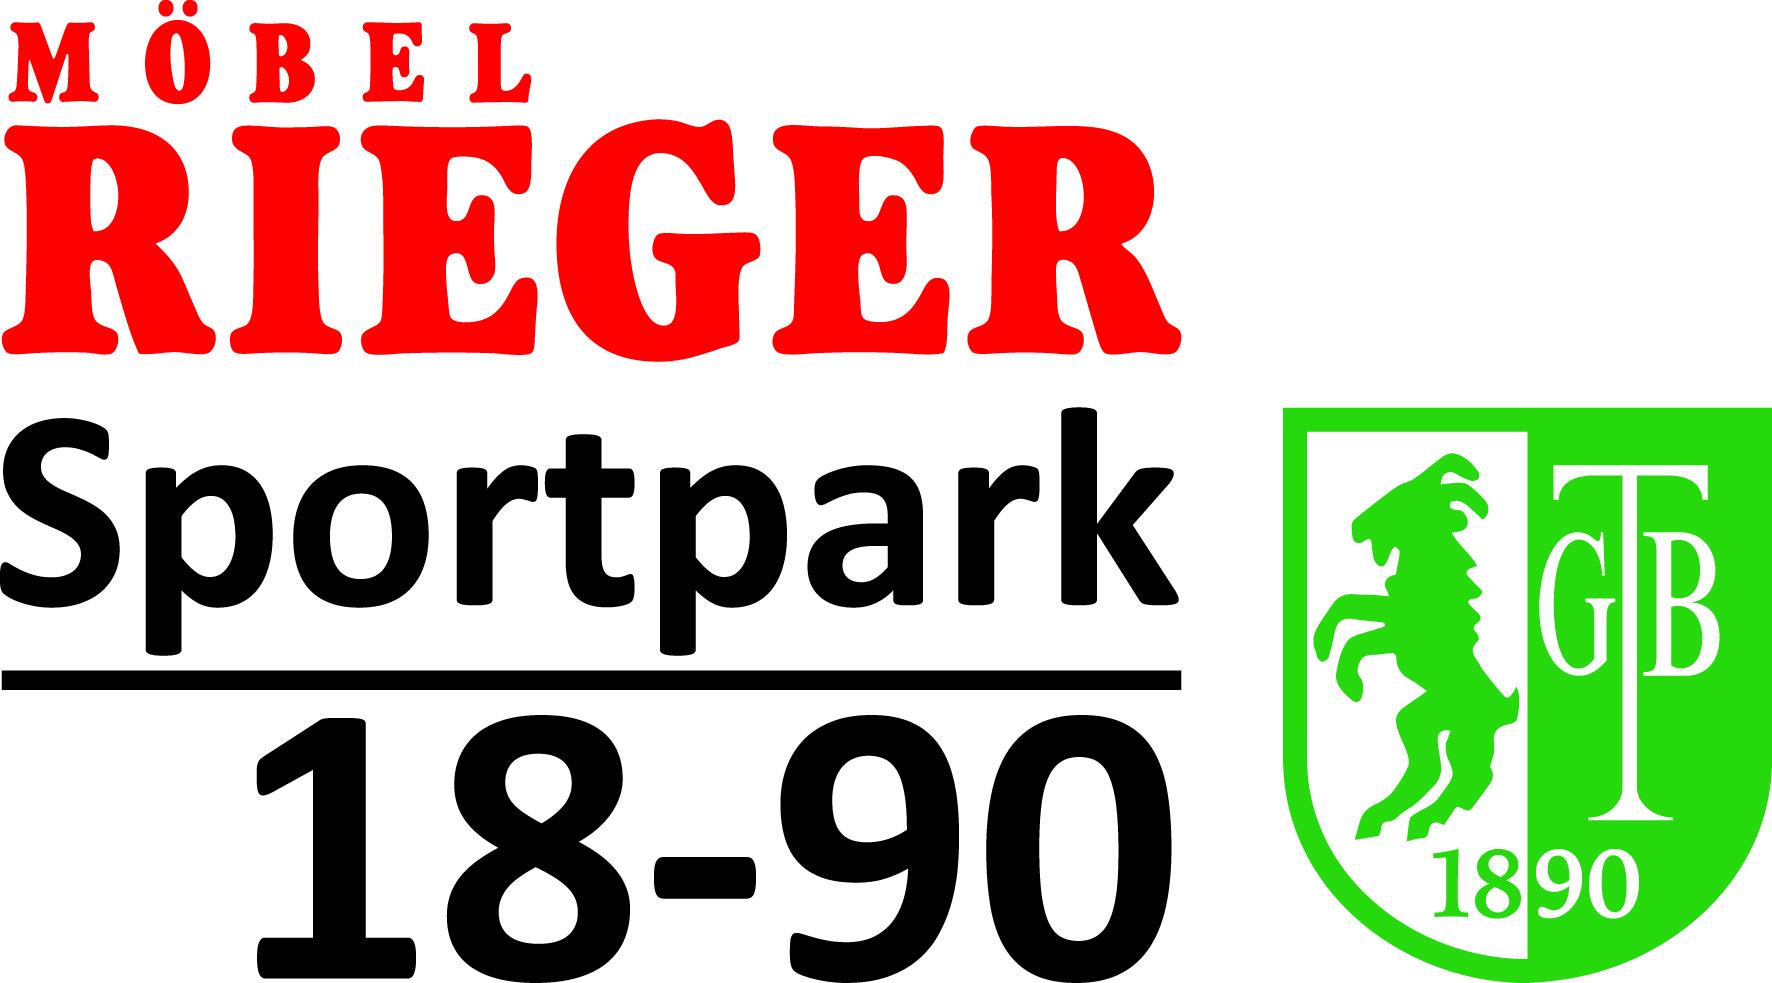 Sportpark 18-90